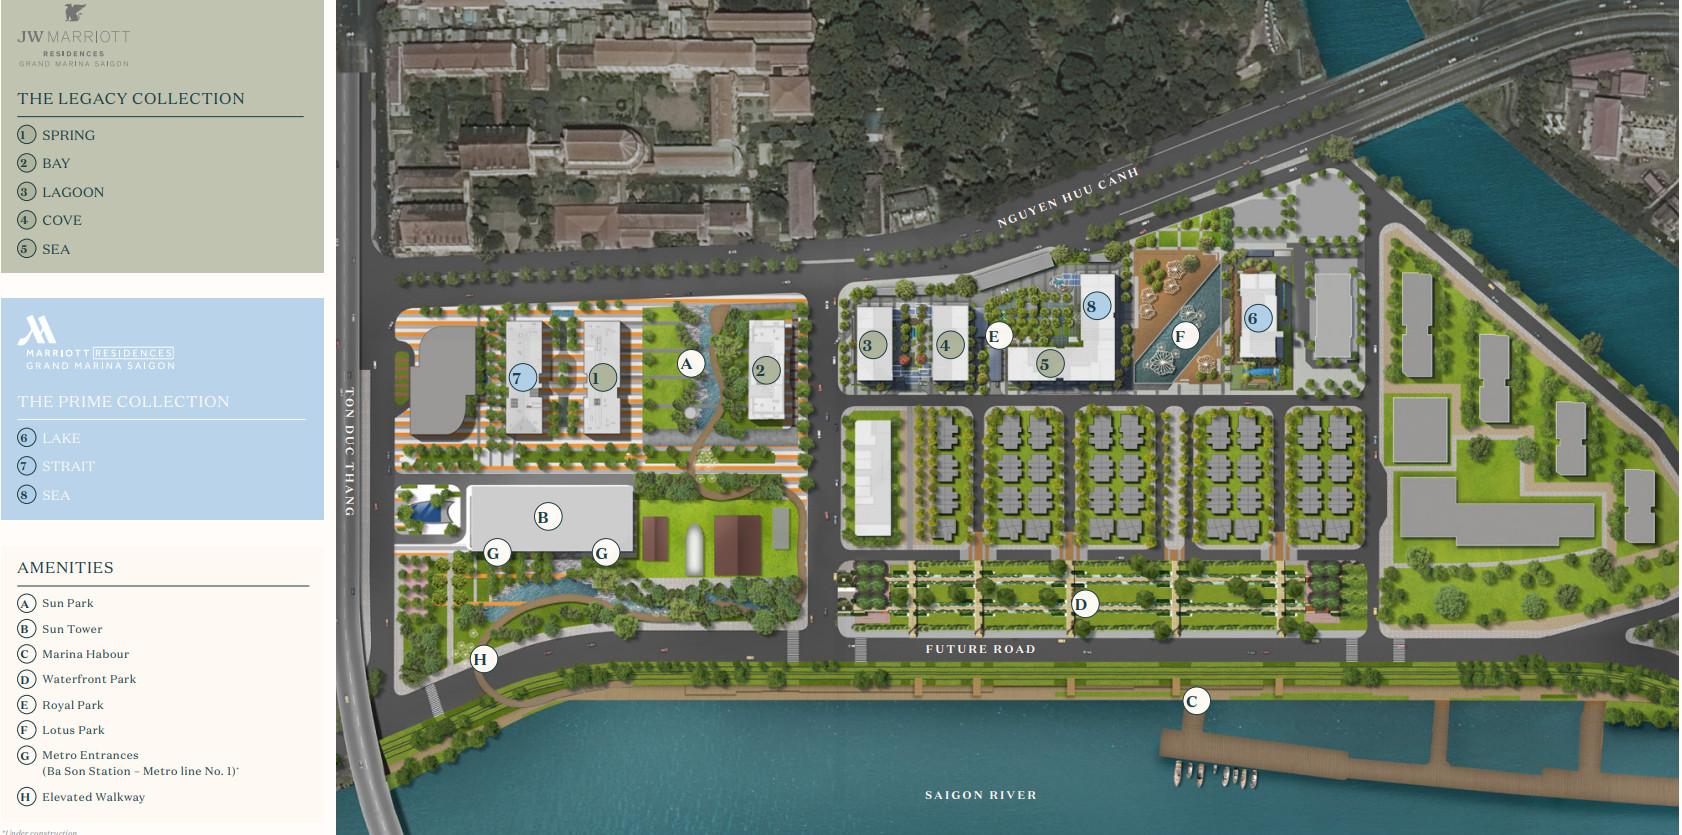 Mặt bằng tổng thể toàn khu dự án Grand Marina Sài Gòn